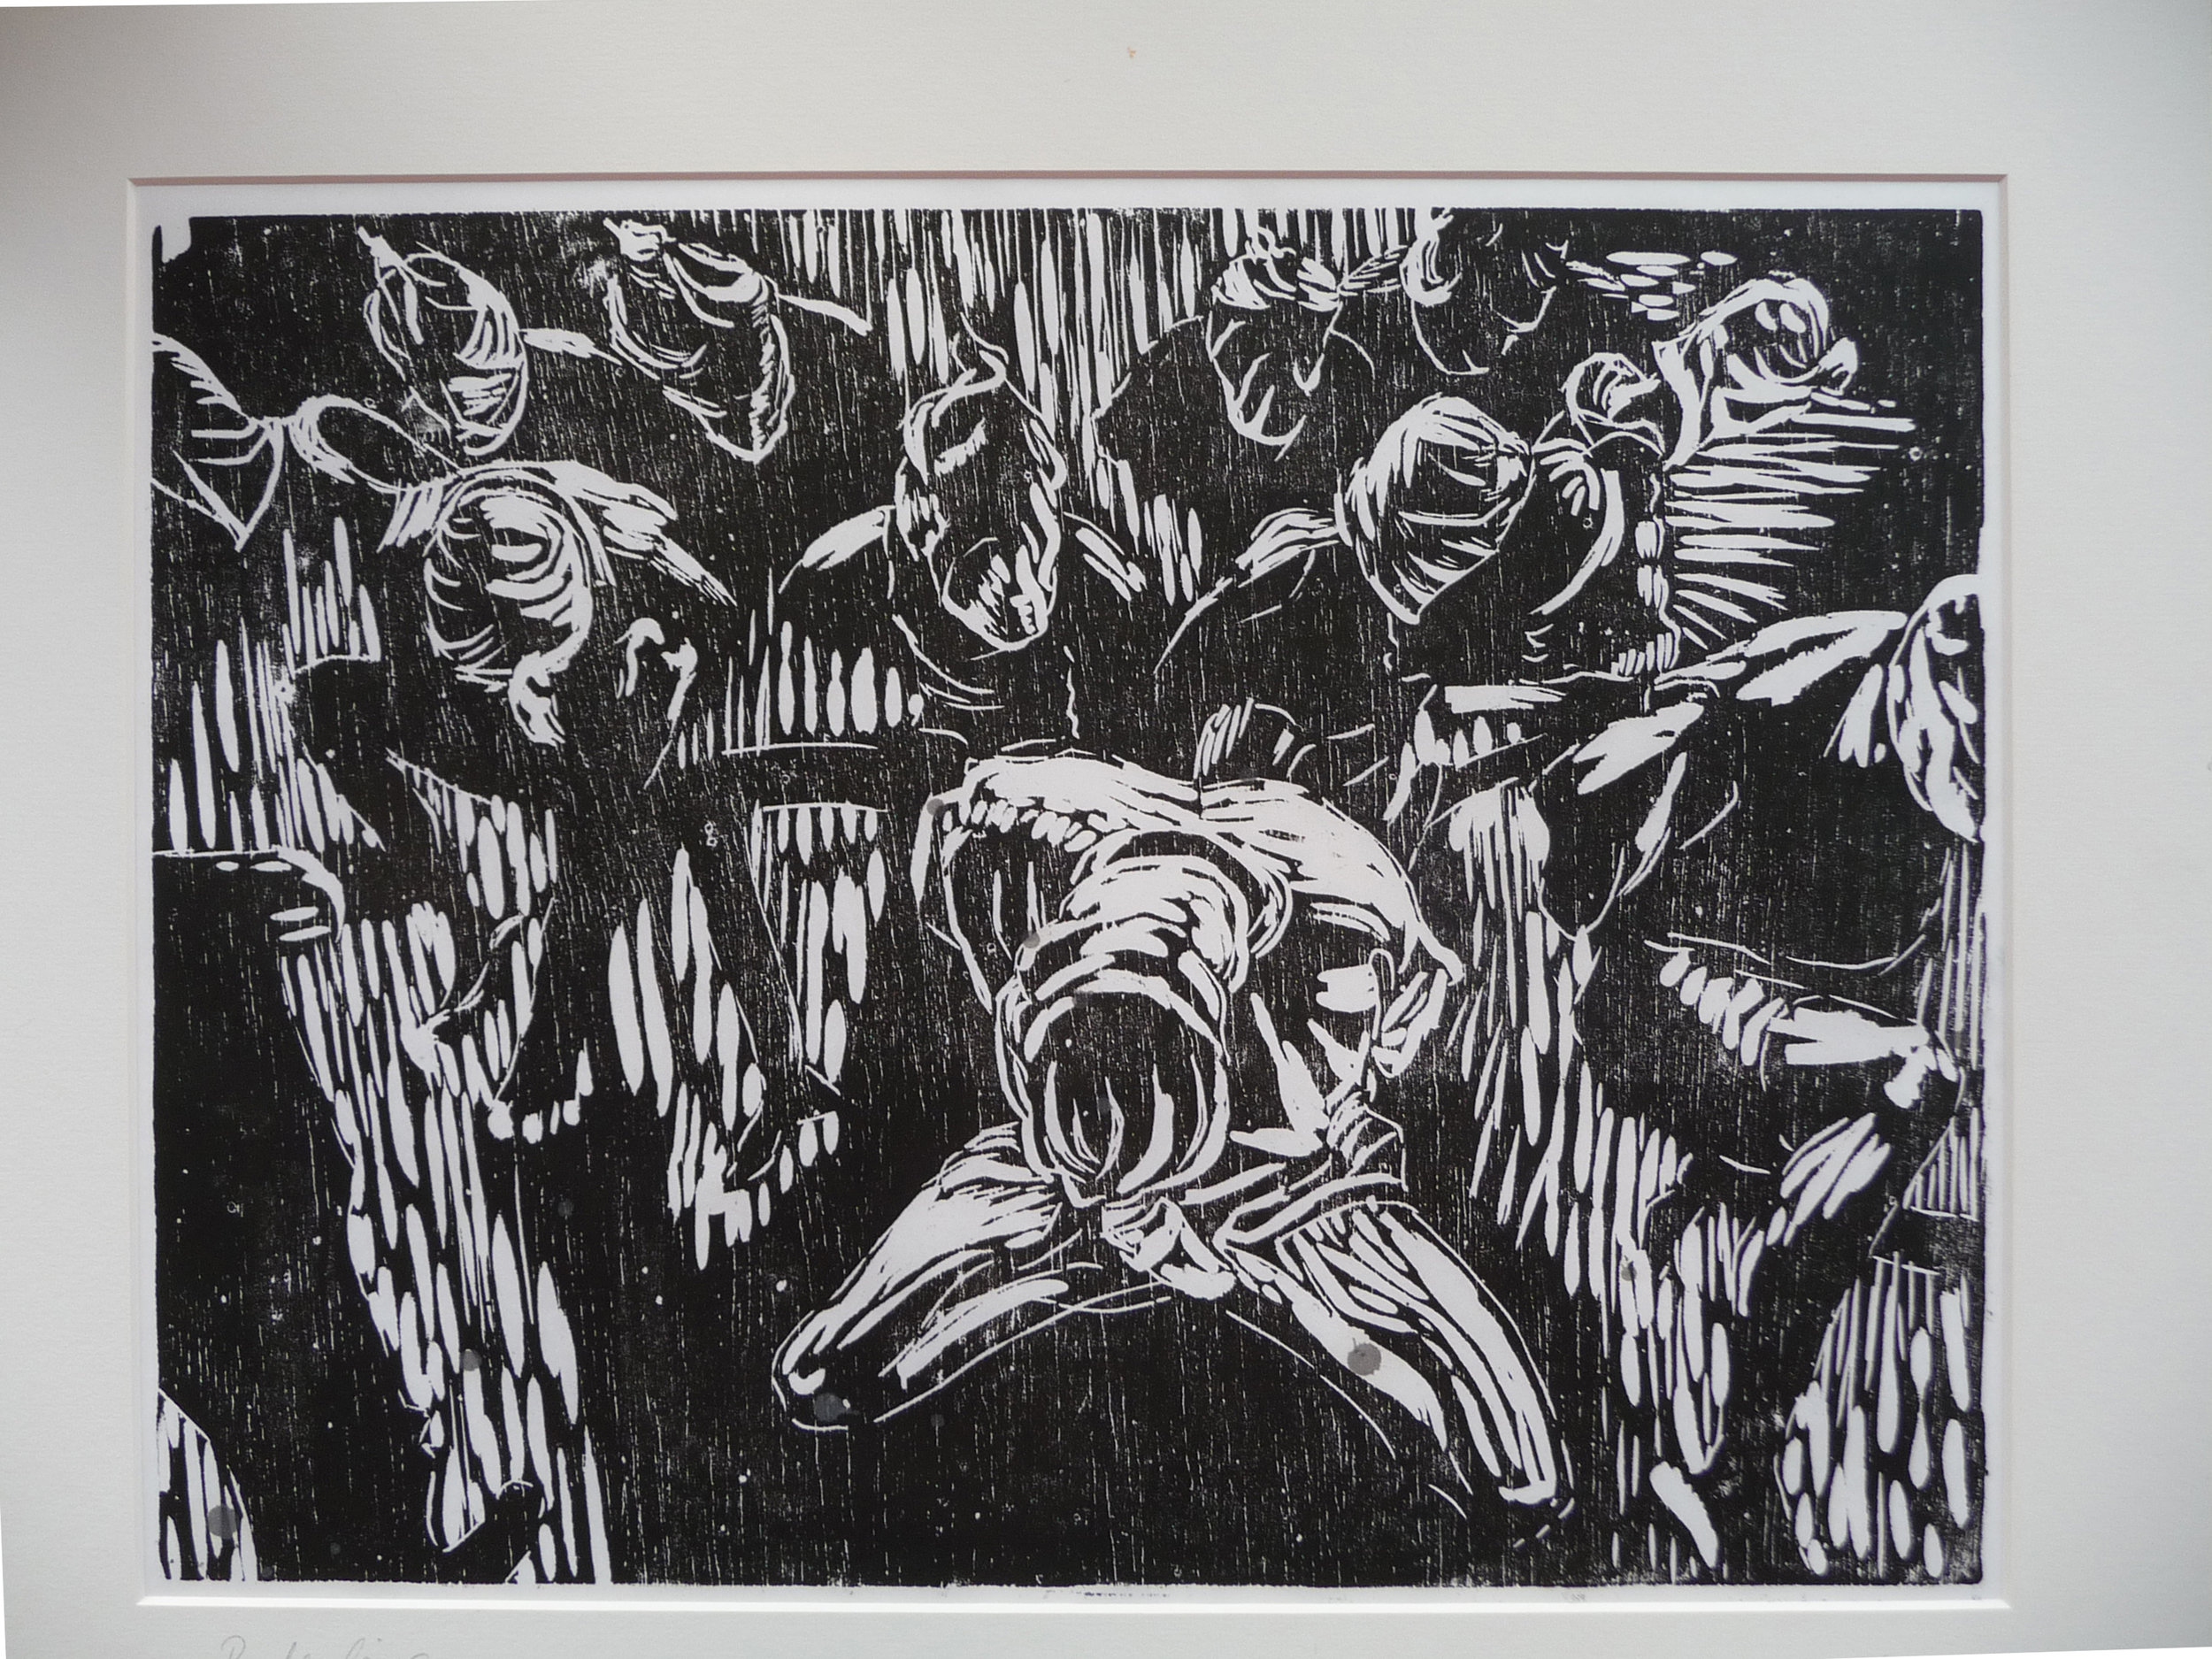 Vonnis, woodcut, 30,7 x 40 cm, 2011